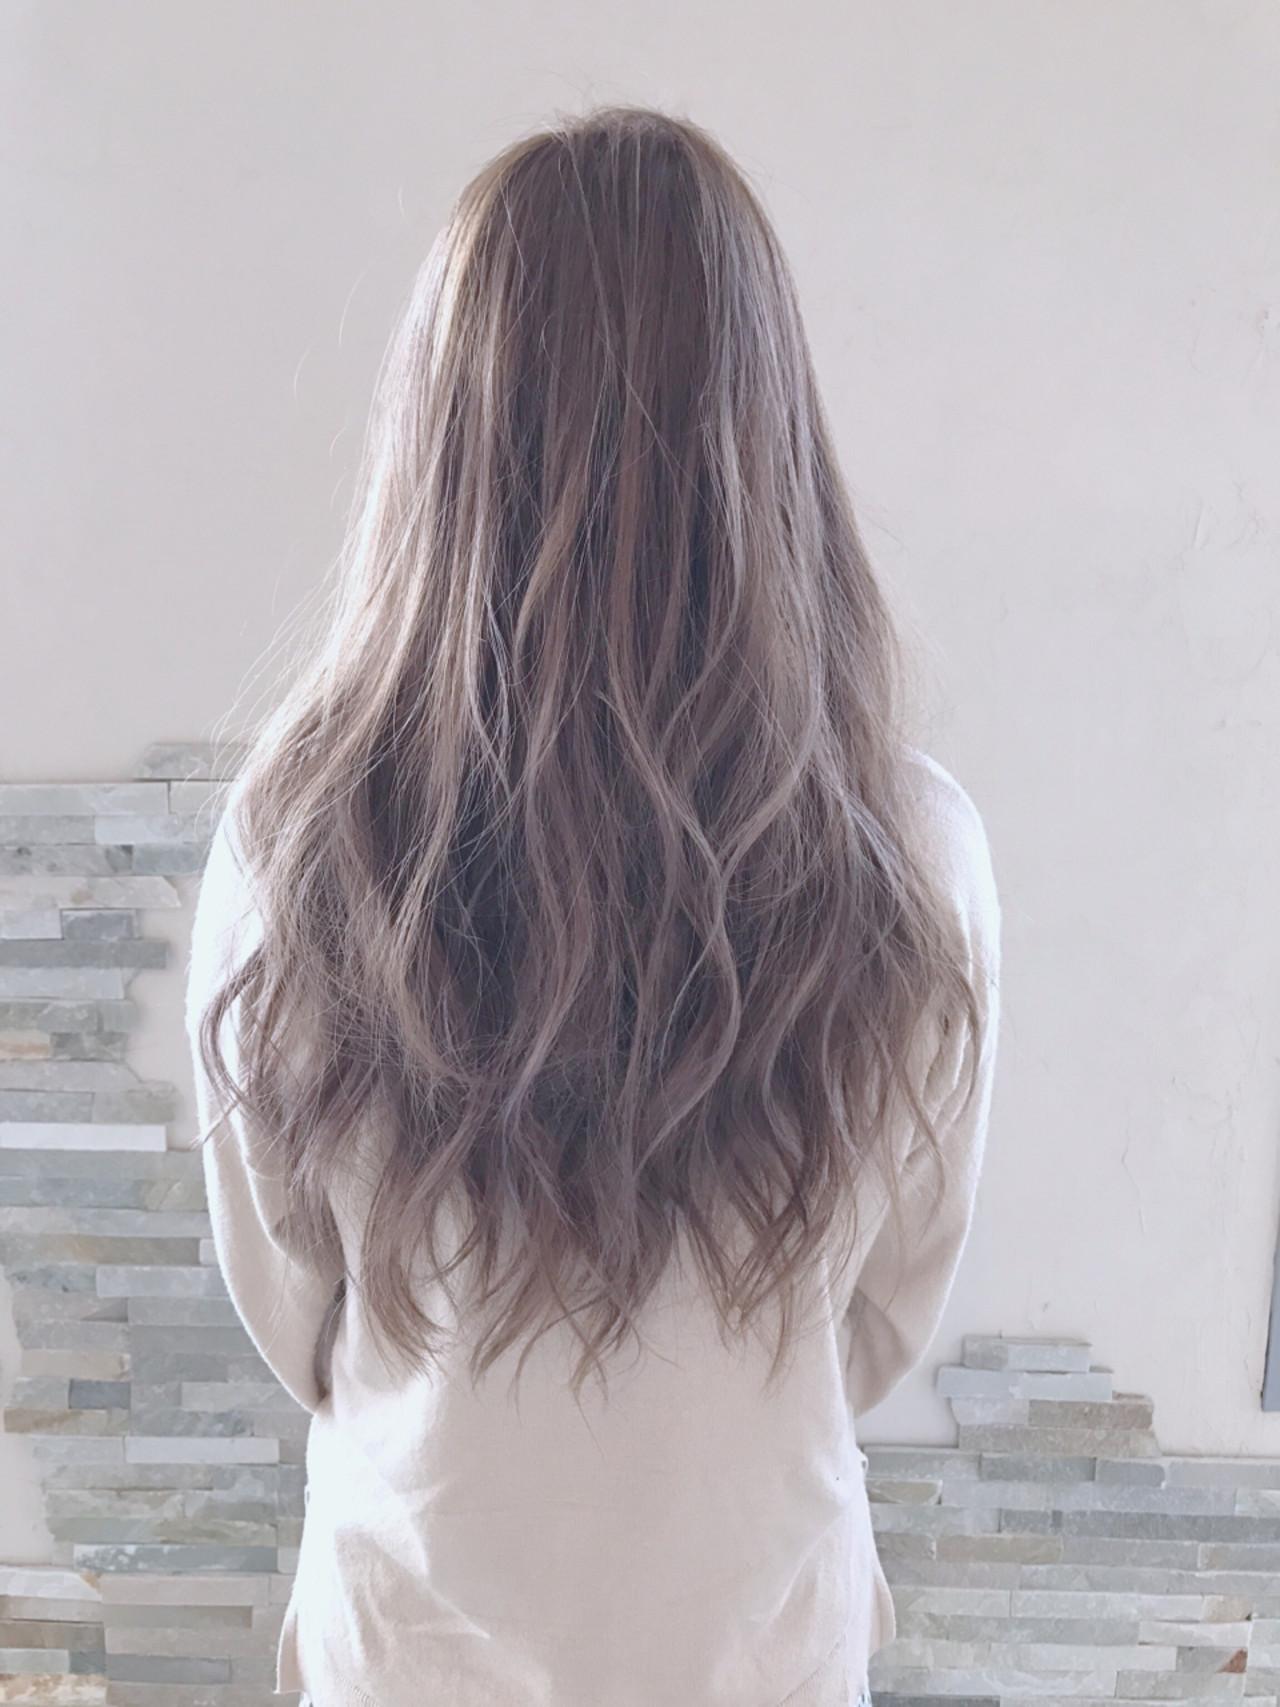 ロング バレイヤージュ エレガント 上品 ヘアスタイルや髪型の写真・画像 | 中山俊一 / valucetiri